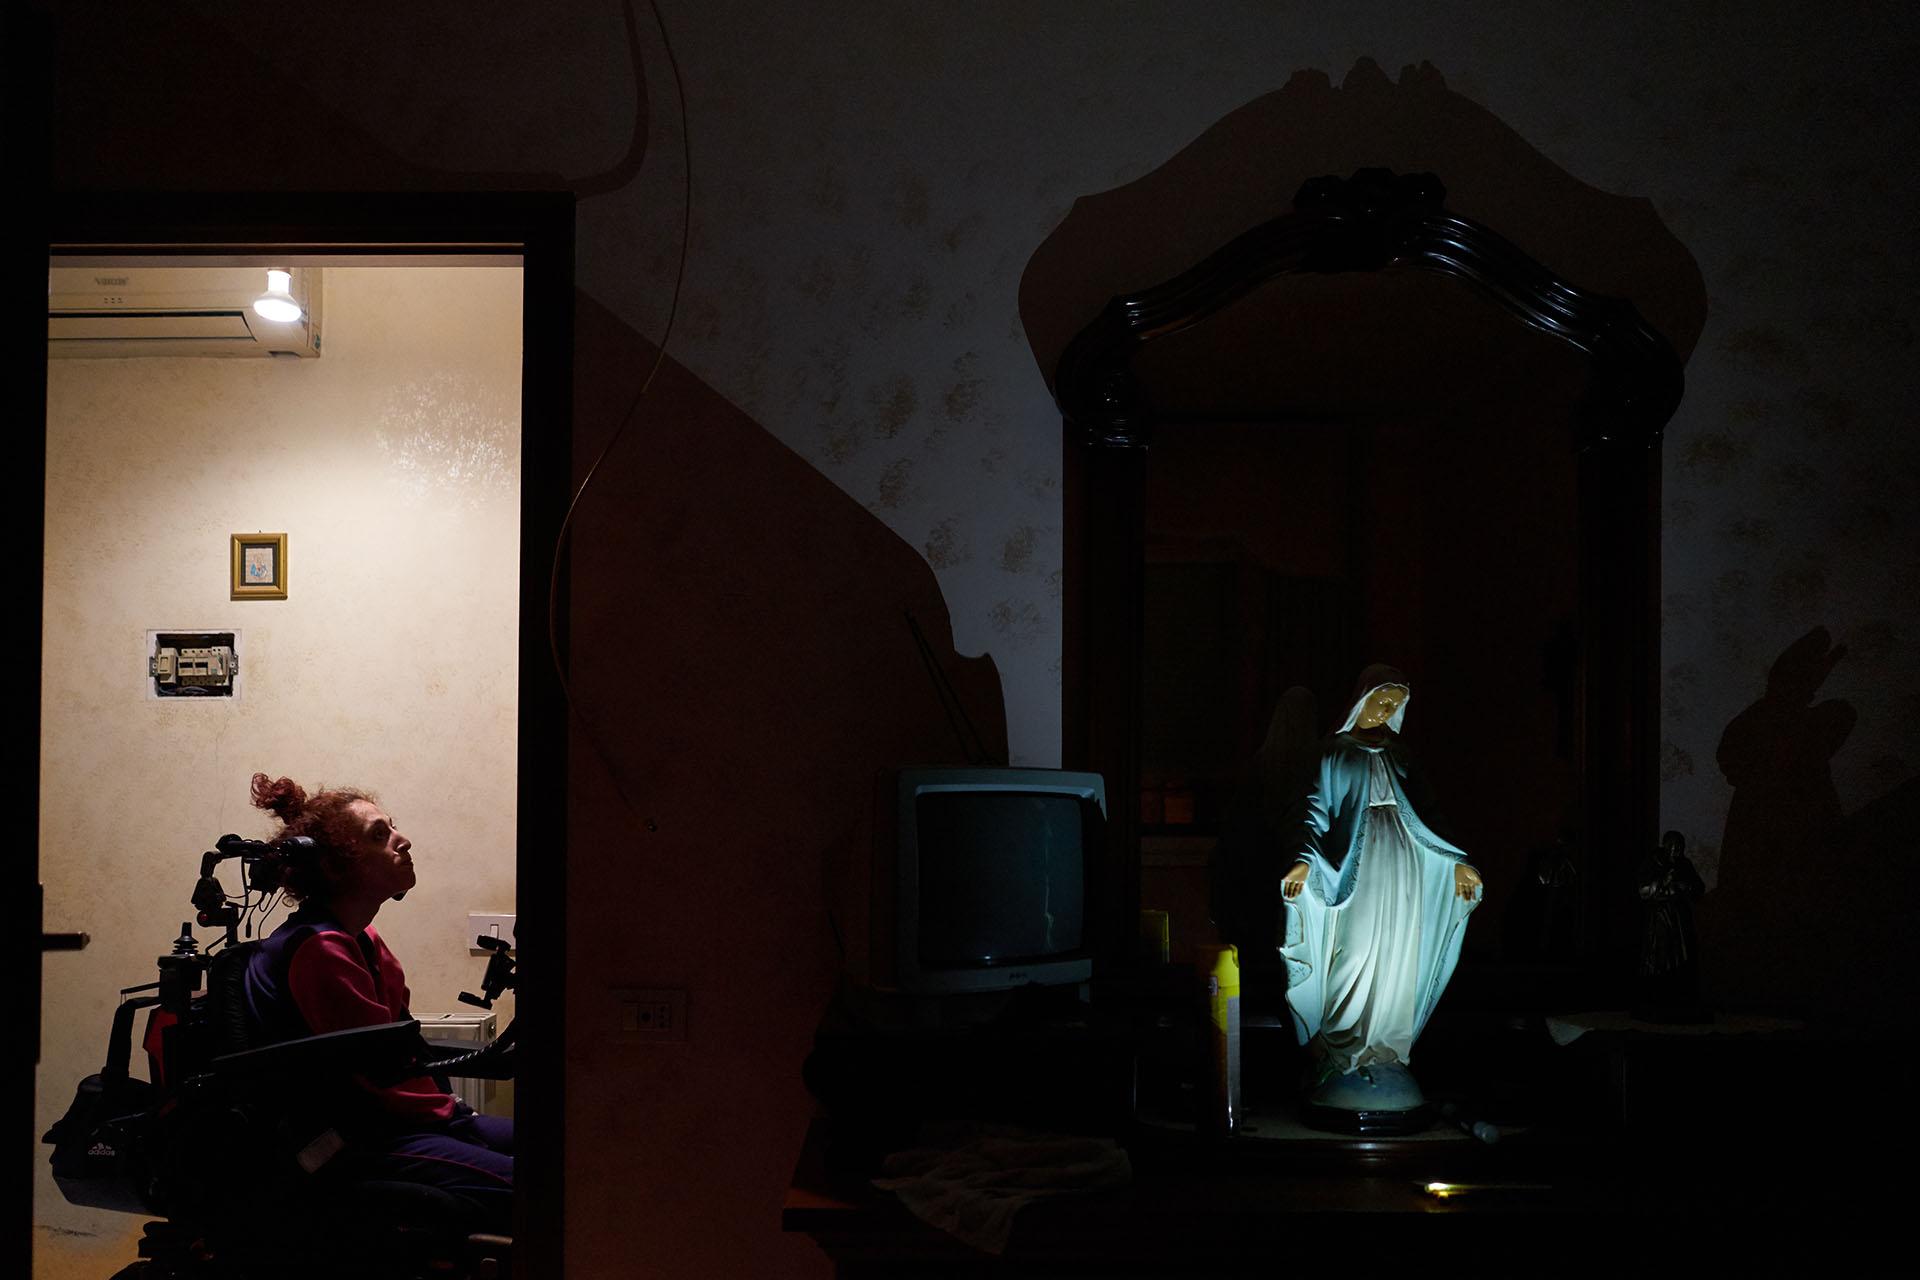 Letizia-Story-of-unseen-lives_ph_Danilo Garcia Di Meo_07